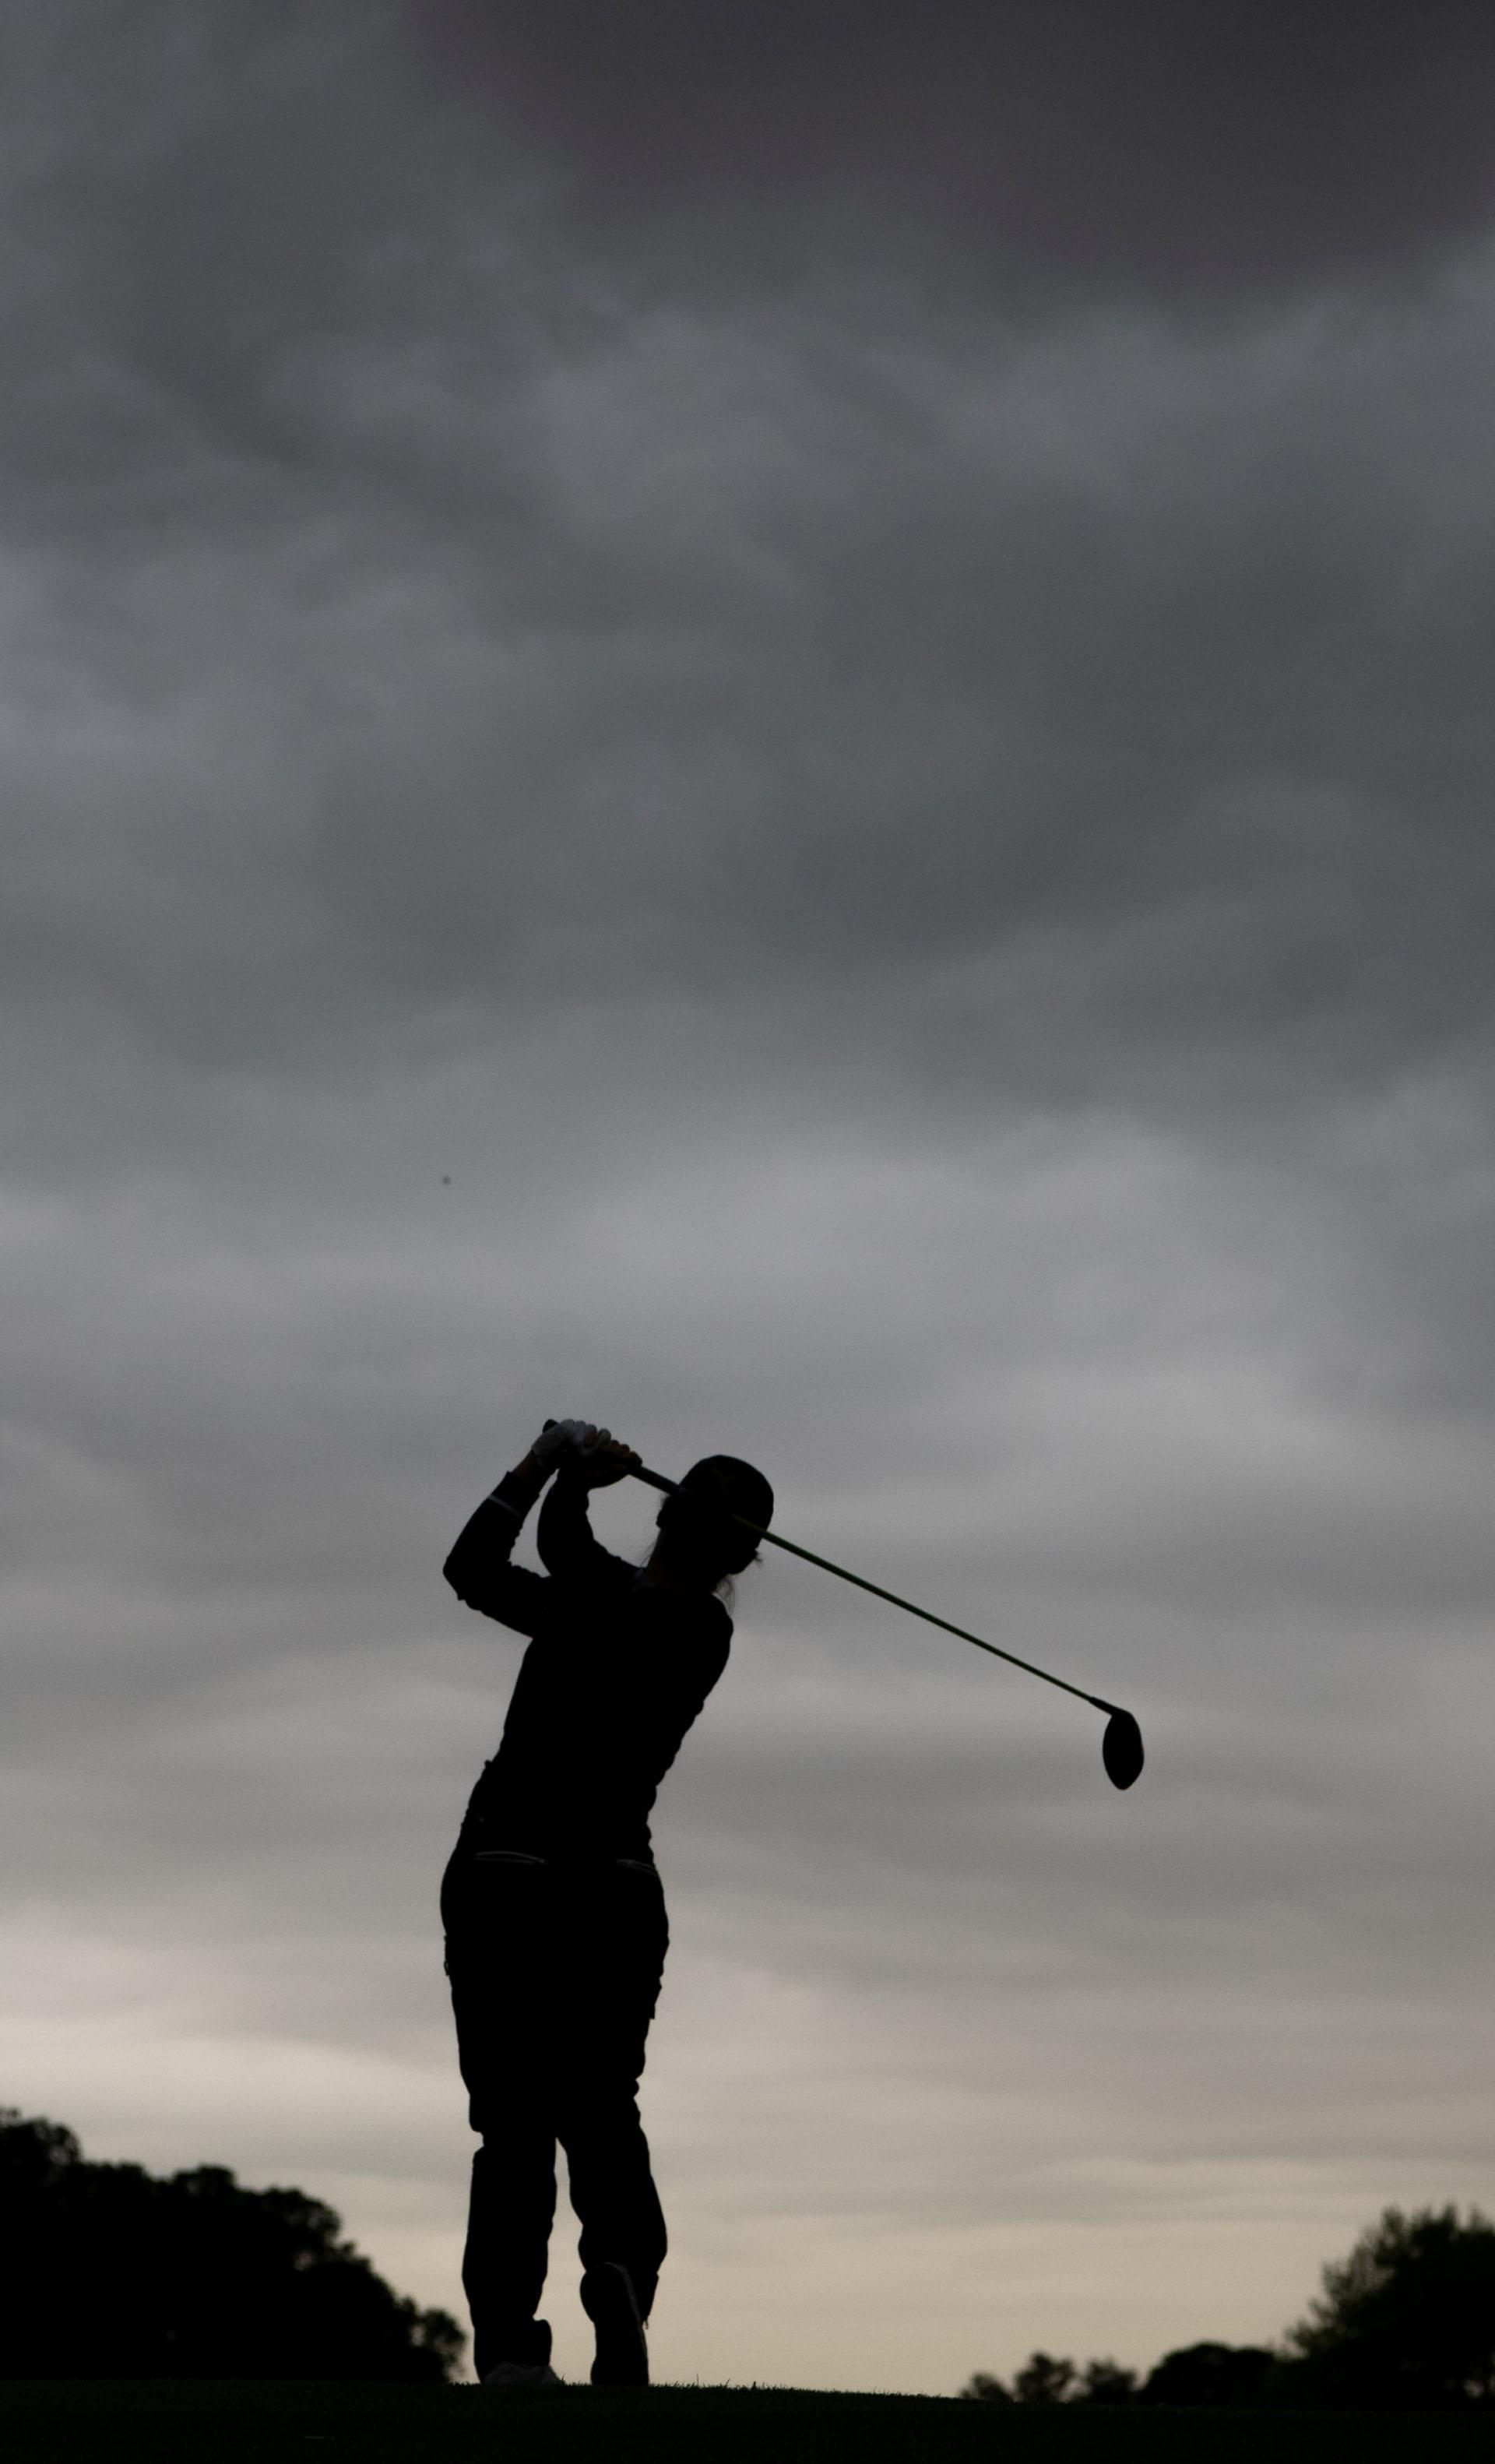 La francesa Mathilde Claisse, en la competencia de golf, en Hurlingham